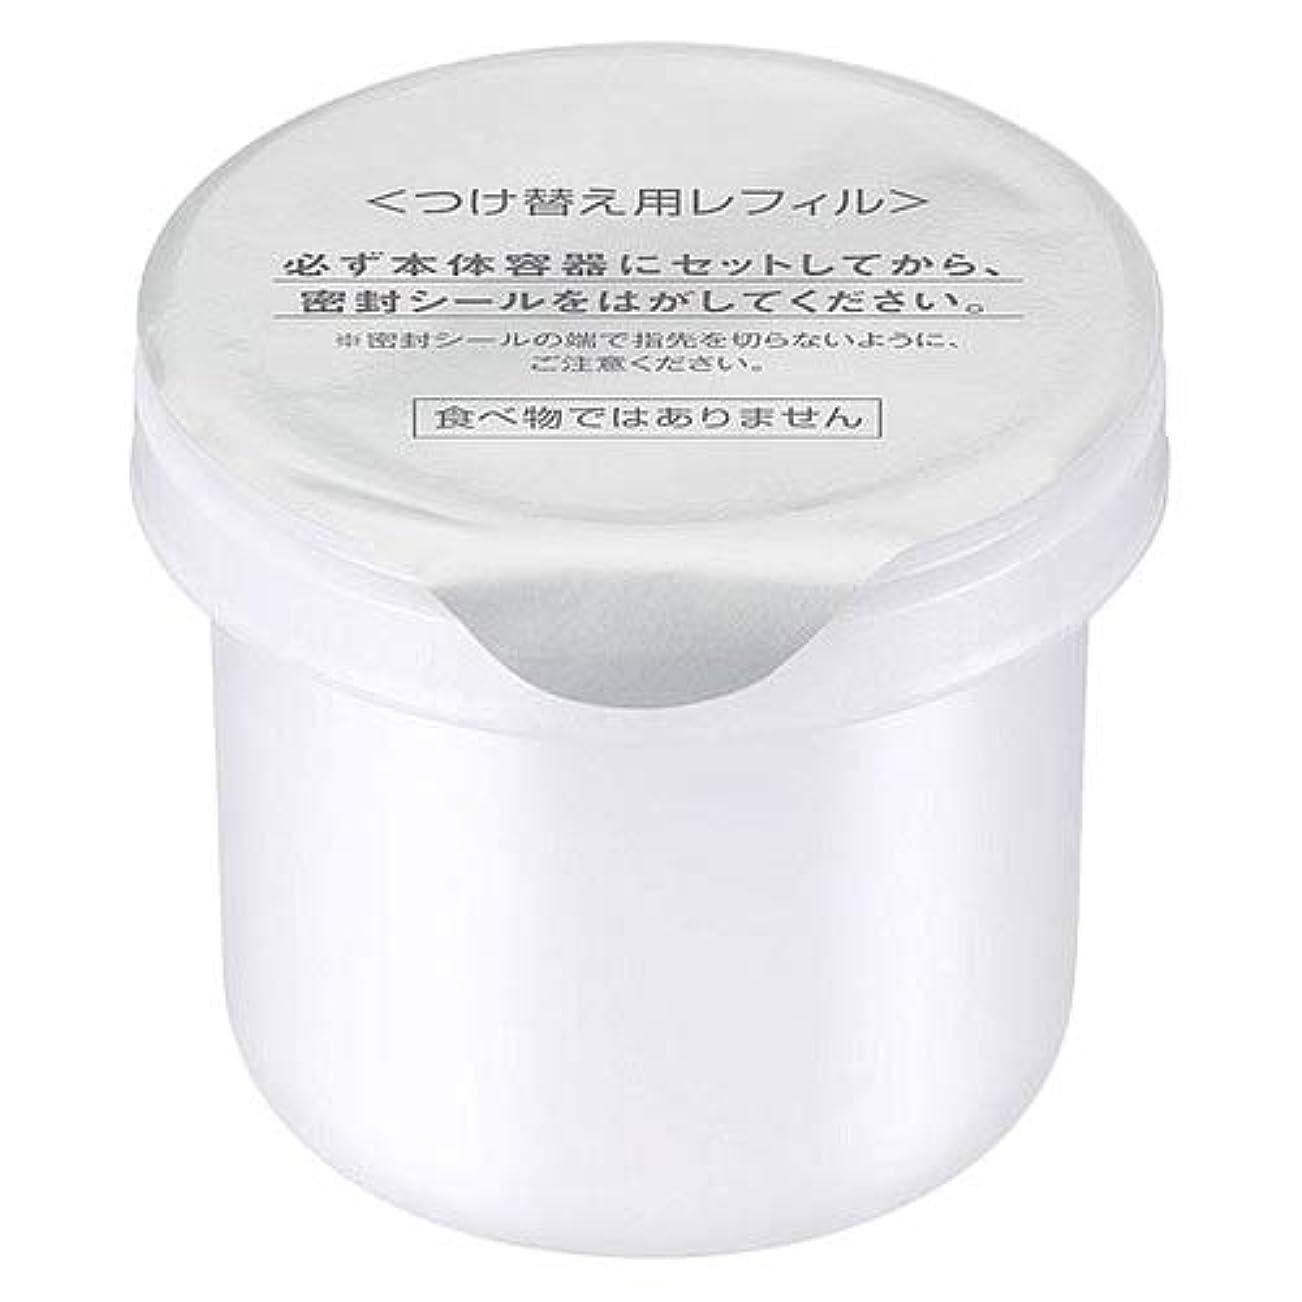 道を作る締める今カネボウ デュウ KANEBO DEW ブライトニングクリーム (レフィル) 30g [並行輸入品]